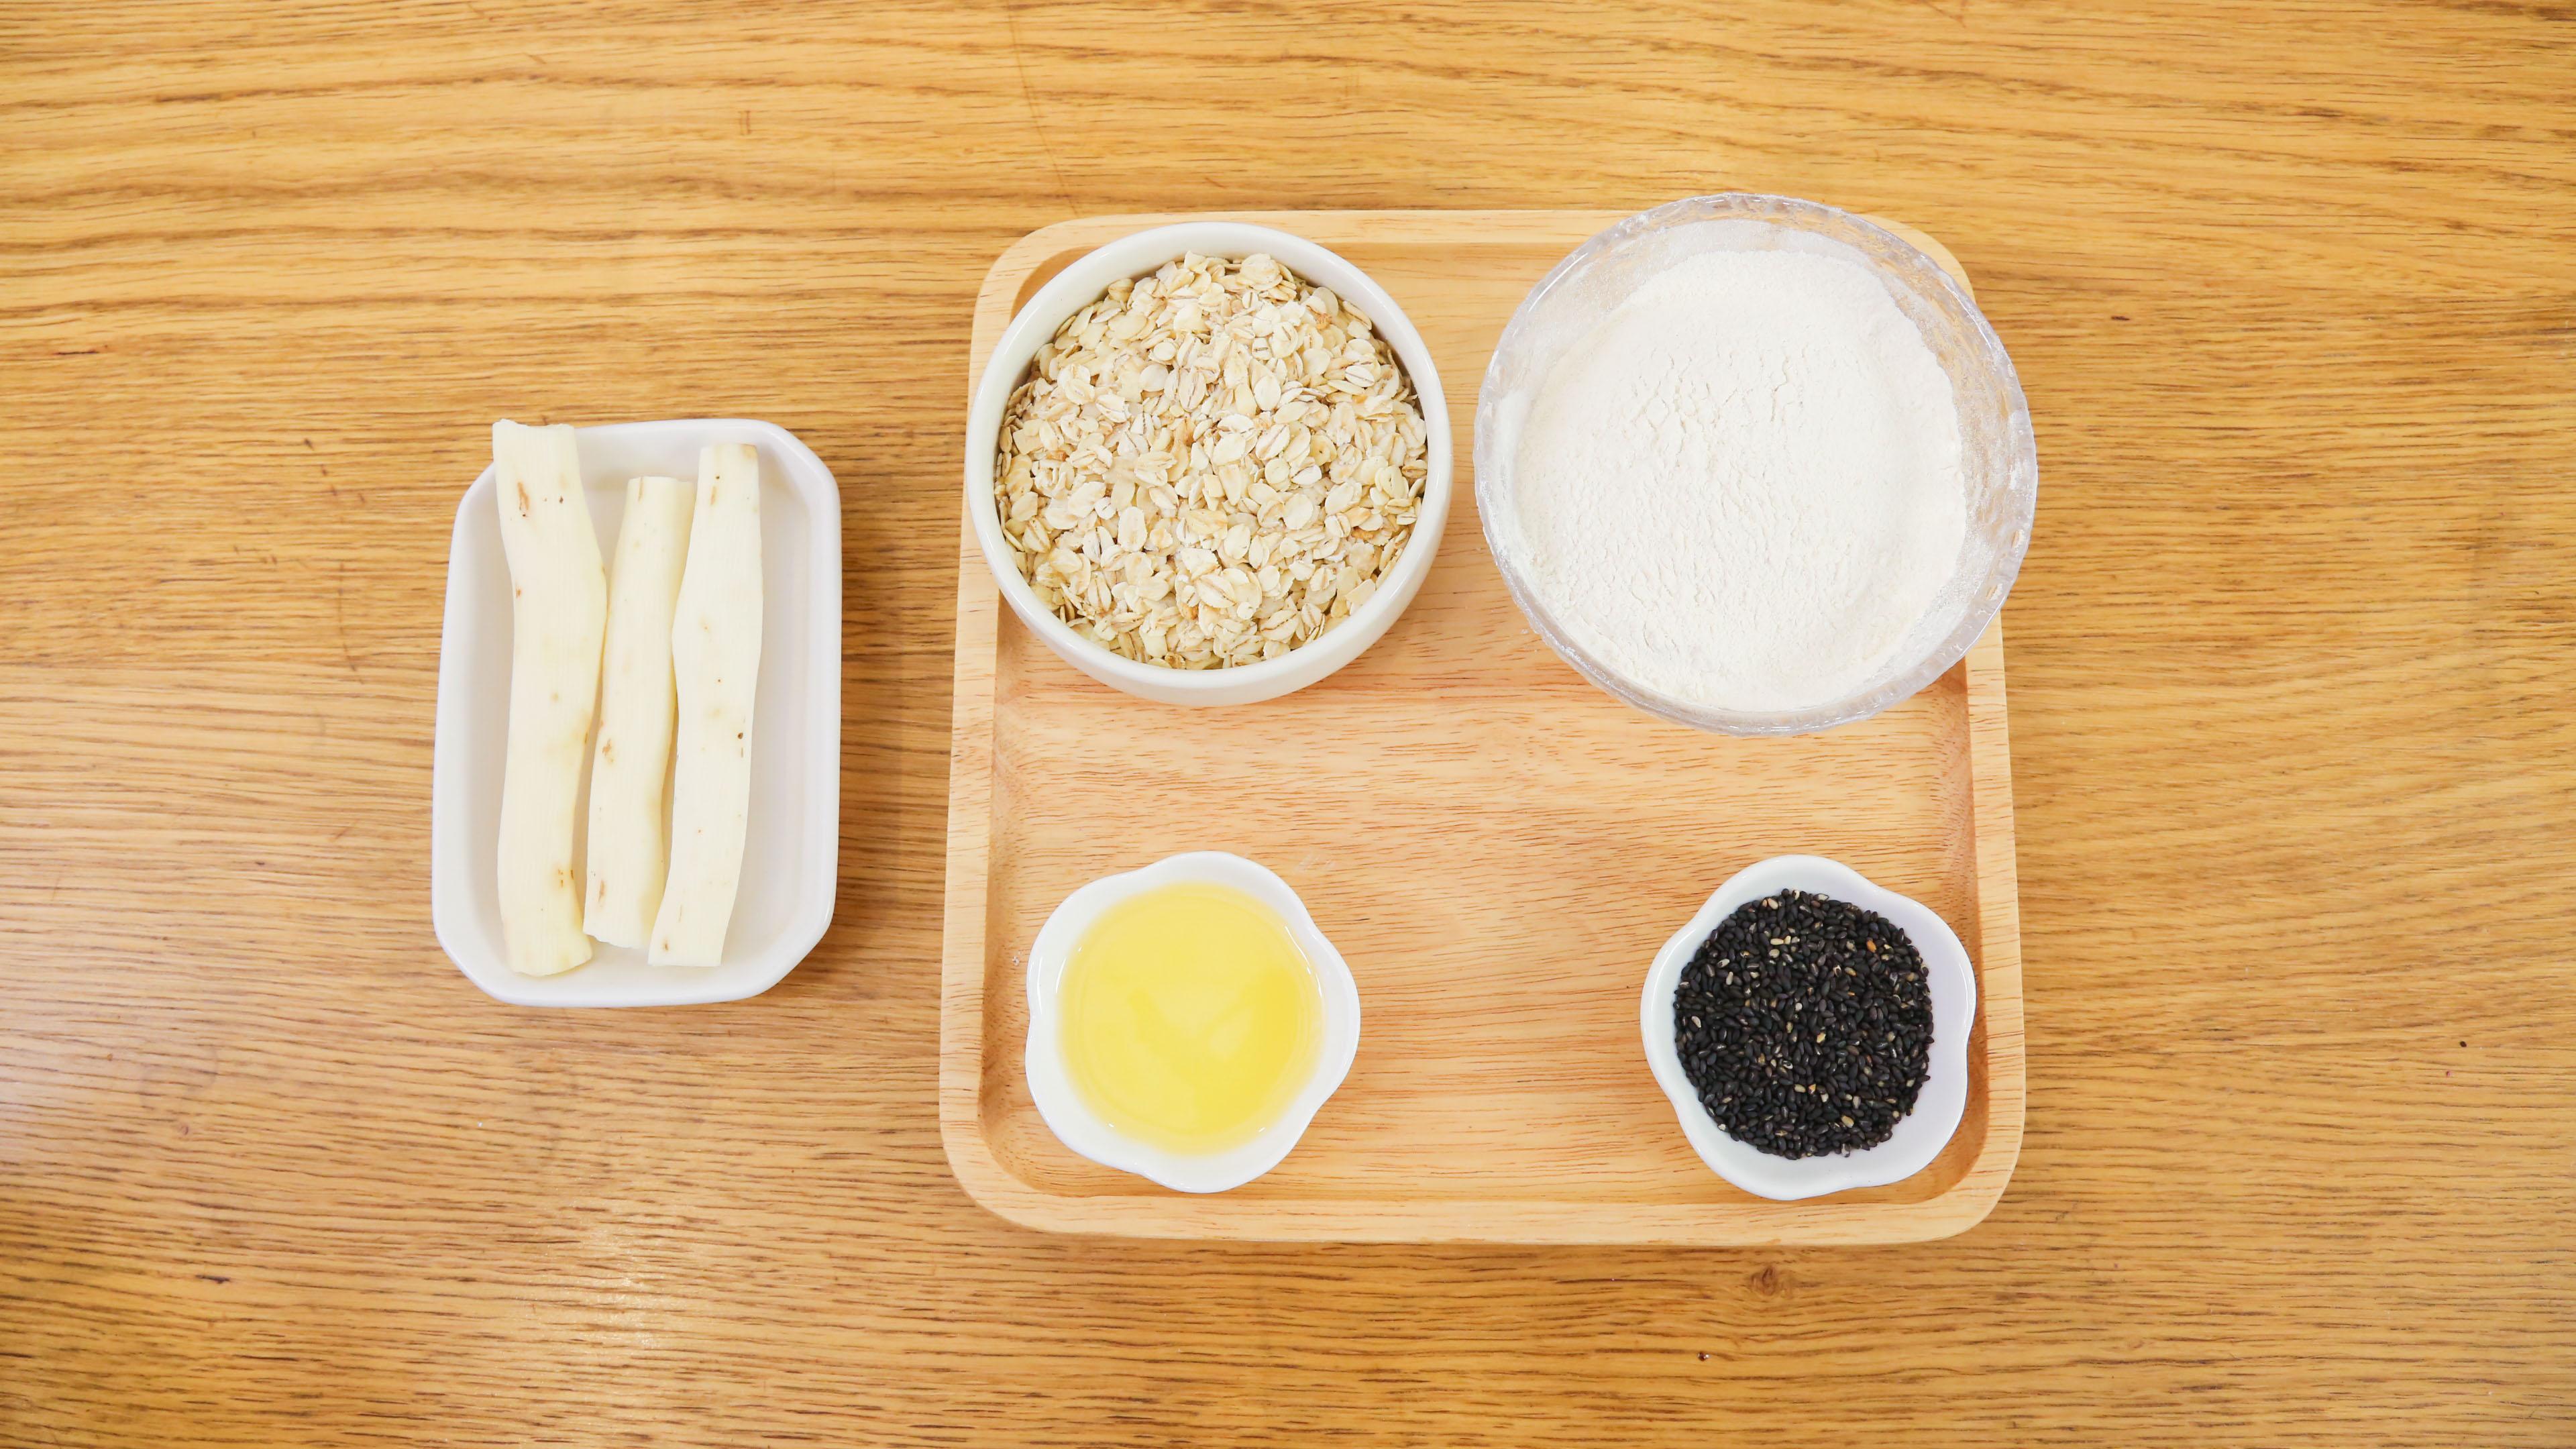 芝麻山药麦饼12m+,面粉100g</p> <p>即食燕麦片70g</p> <p>山药 70g</p> <p>黑芝麻 10g</p> <p>花生油  适量